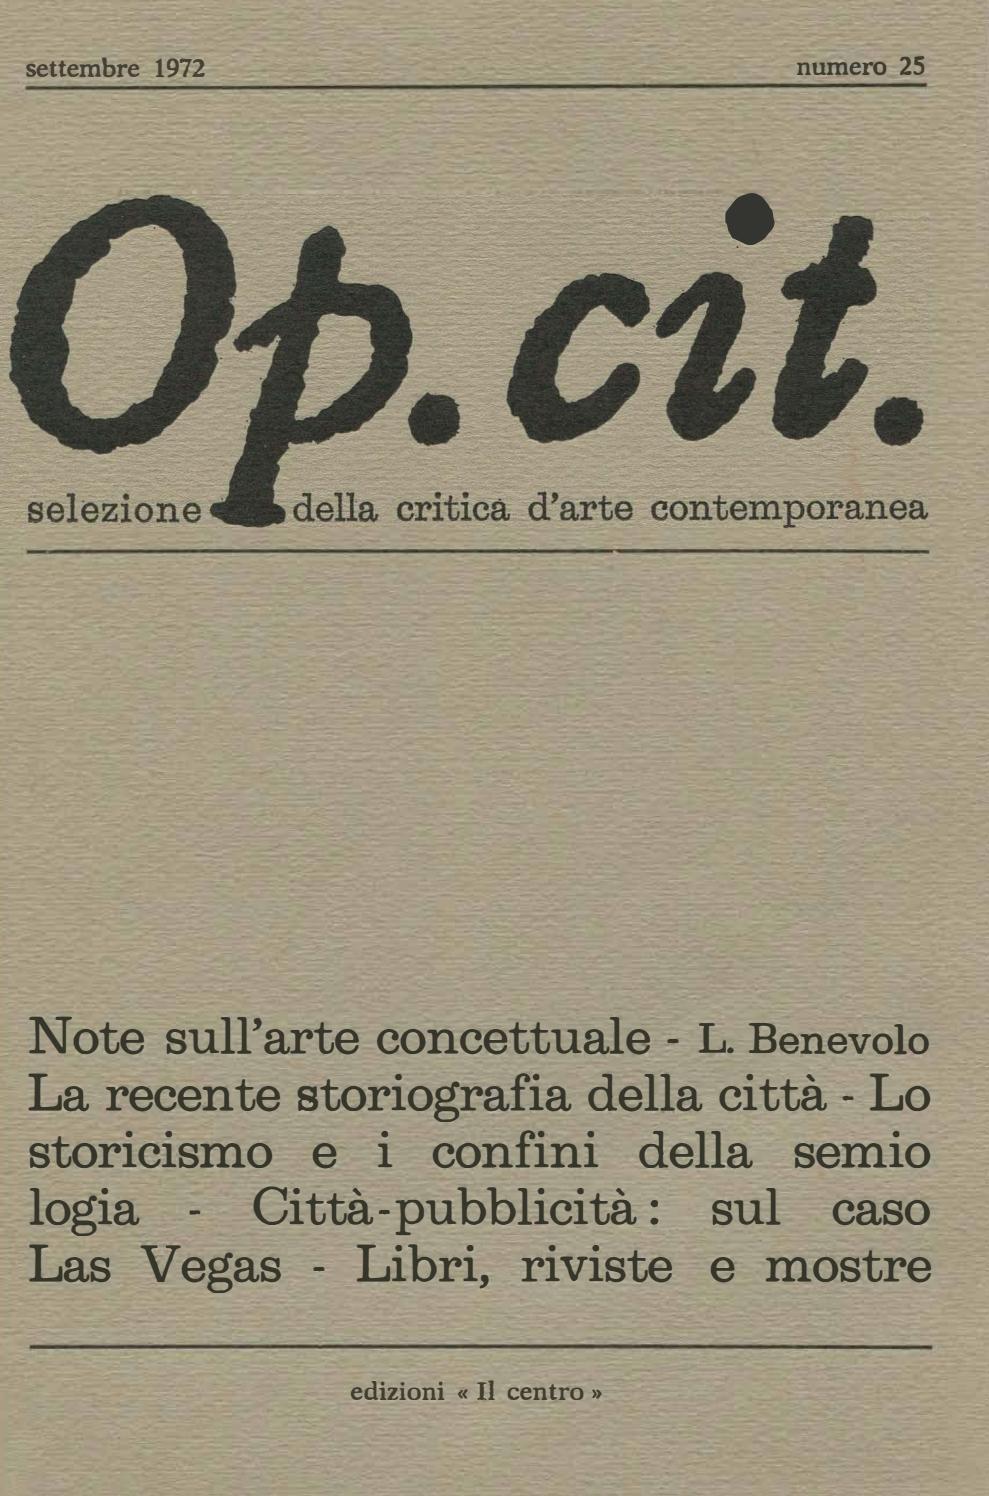 Op. cit., 25, settembre 1972 by Op. Cit. issuu